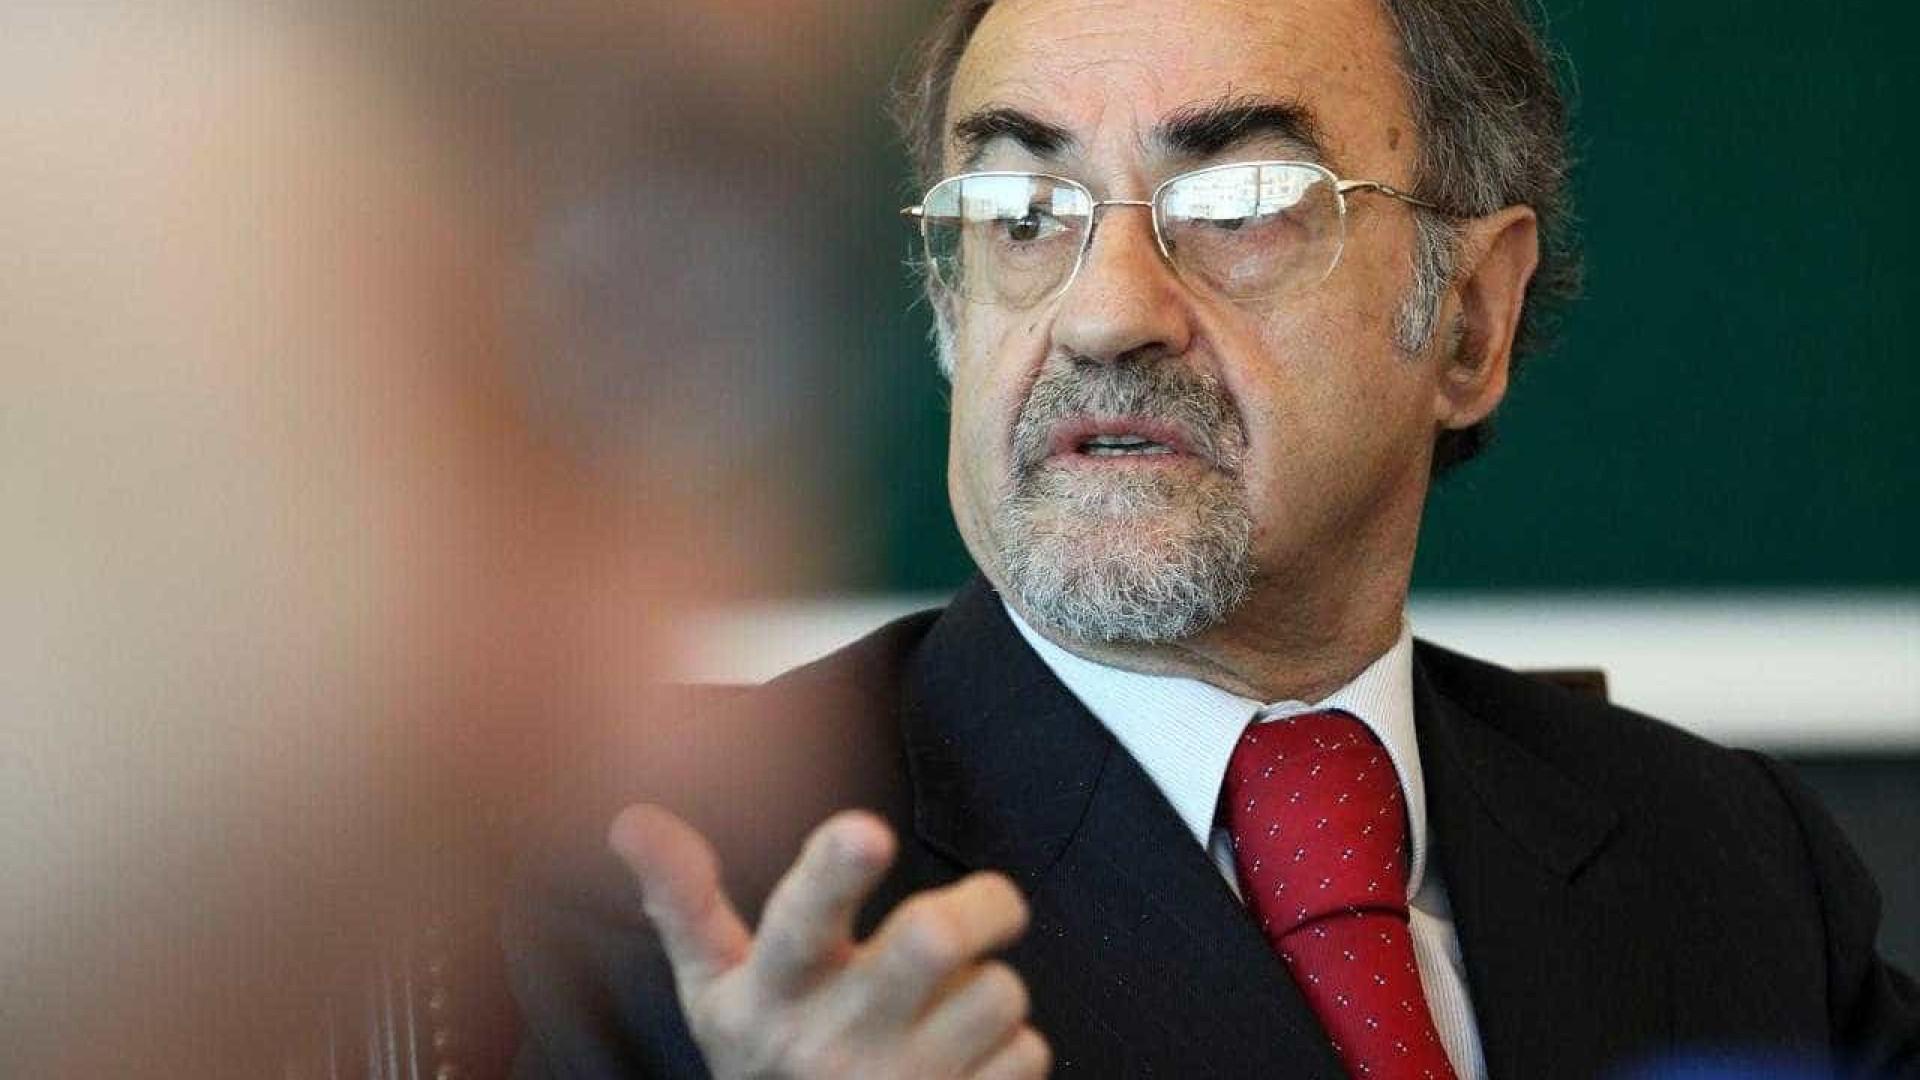 Pensão superior a 5,5 mil euros para ex-presidente do Supremo